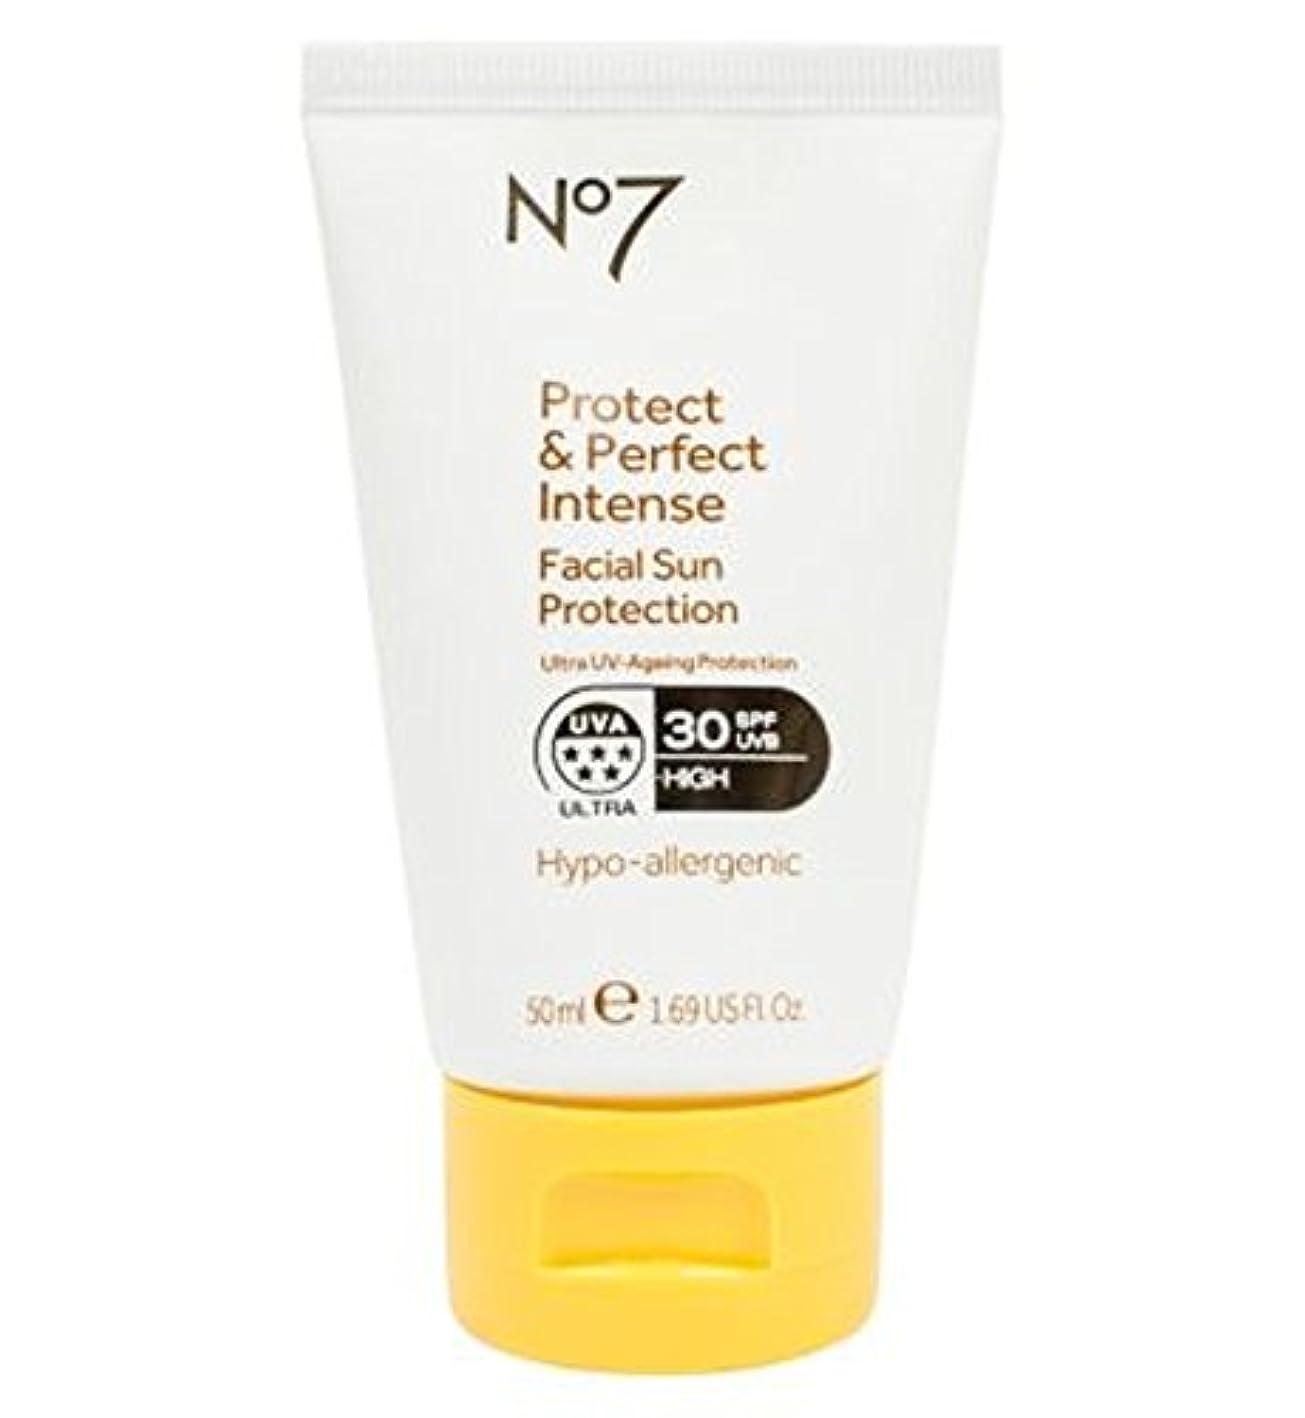 合理的守る過剰No7 Protect & Perfect Intense Facial Sun Protection SPF 30 50ml - No7保護&完璧な強烈な顔の日焼け防止Spf 30 50ミリリットル (No7) [並行輸入品]